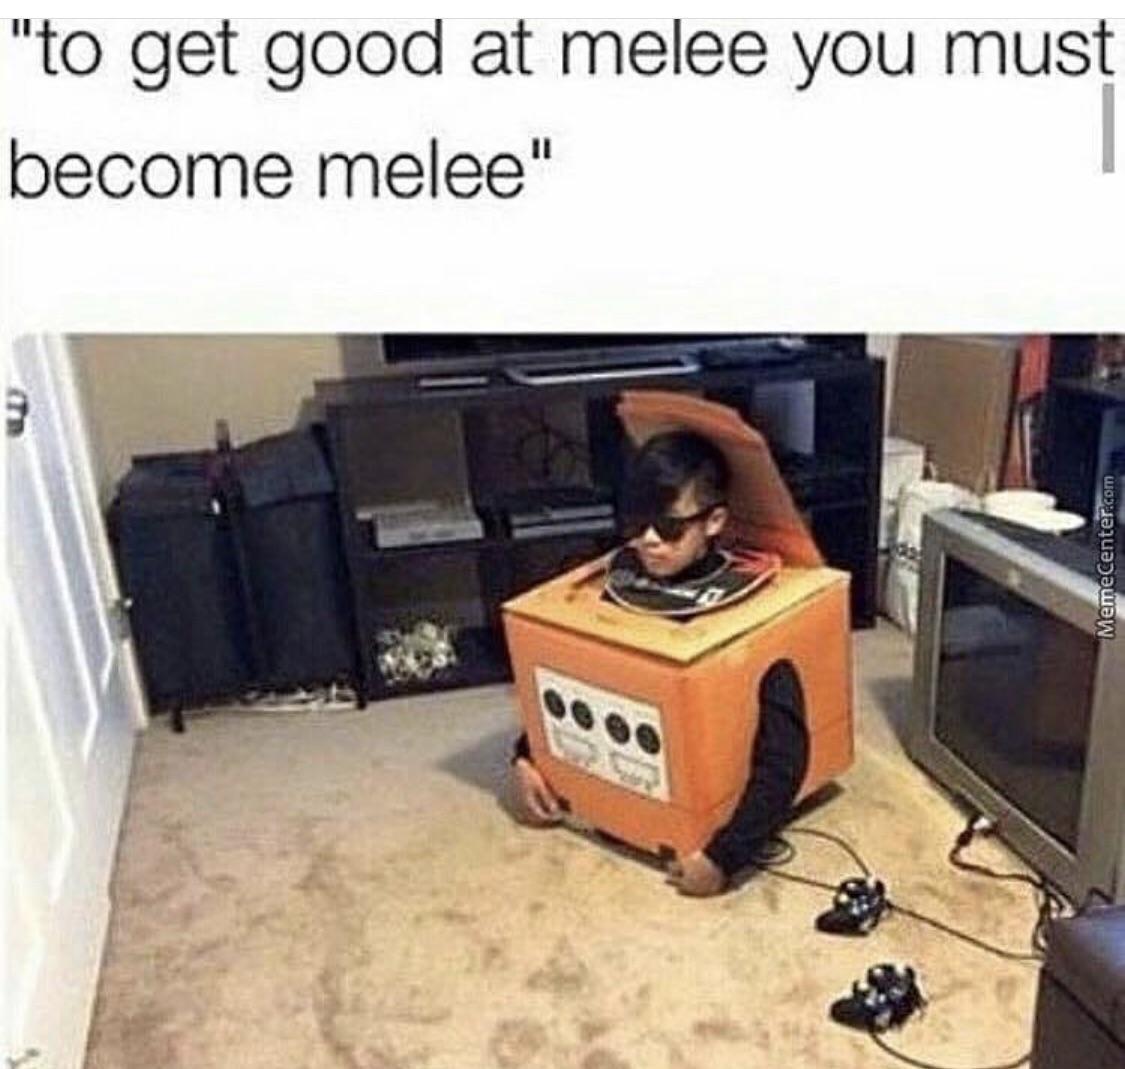 Shameless Reddit repost - meme